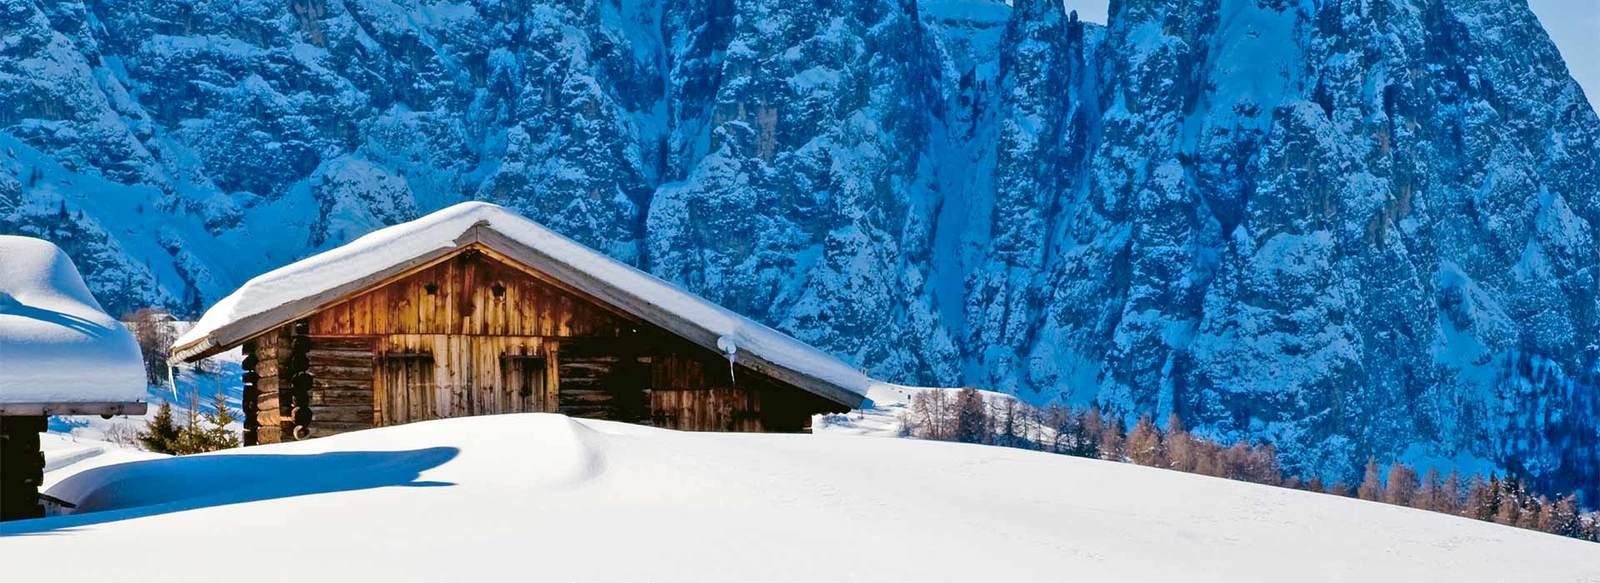 Scopri tante offerte per le tue vacanze sulla neve